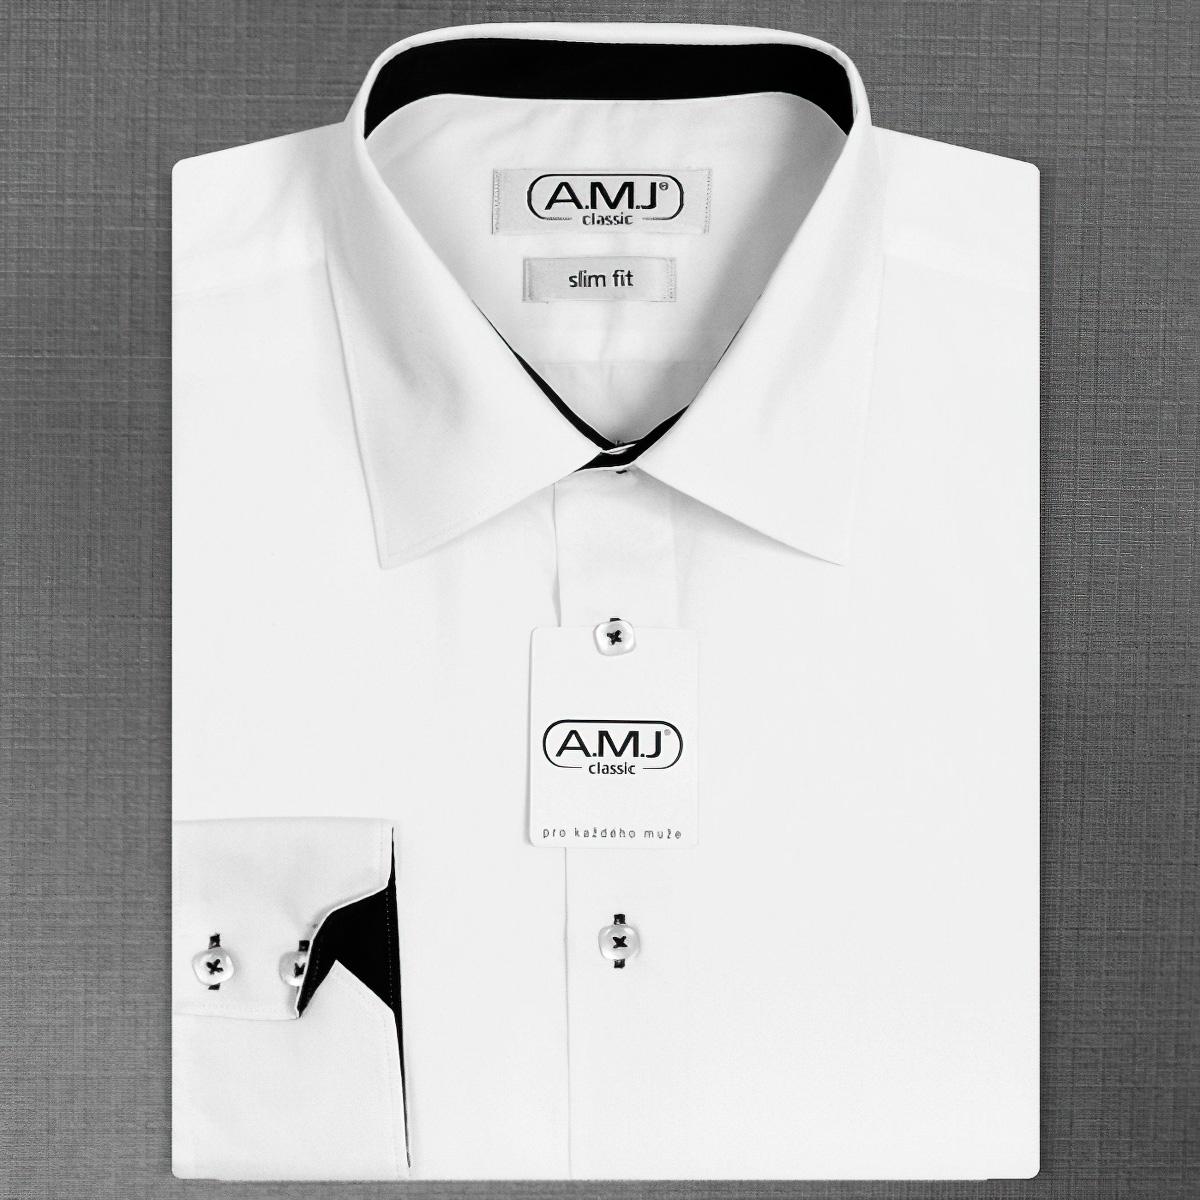 Pánská košile AMJ jednobarevná JDSR018Č, bílá, dlouhý rukáv, slim fit